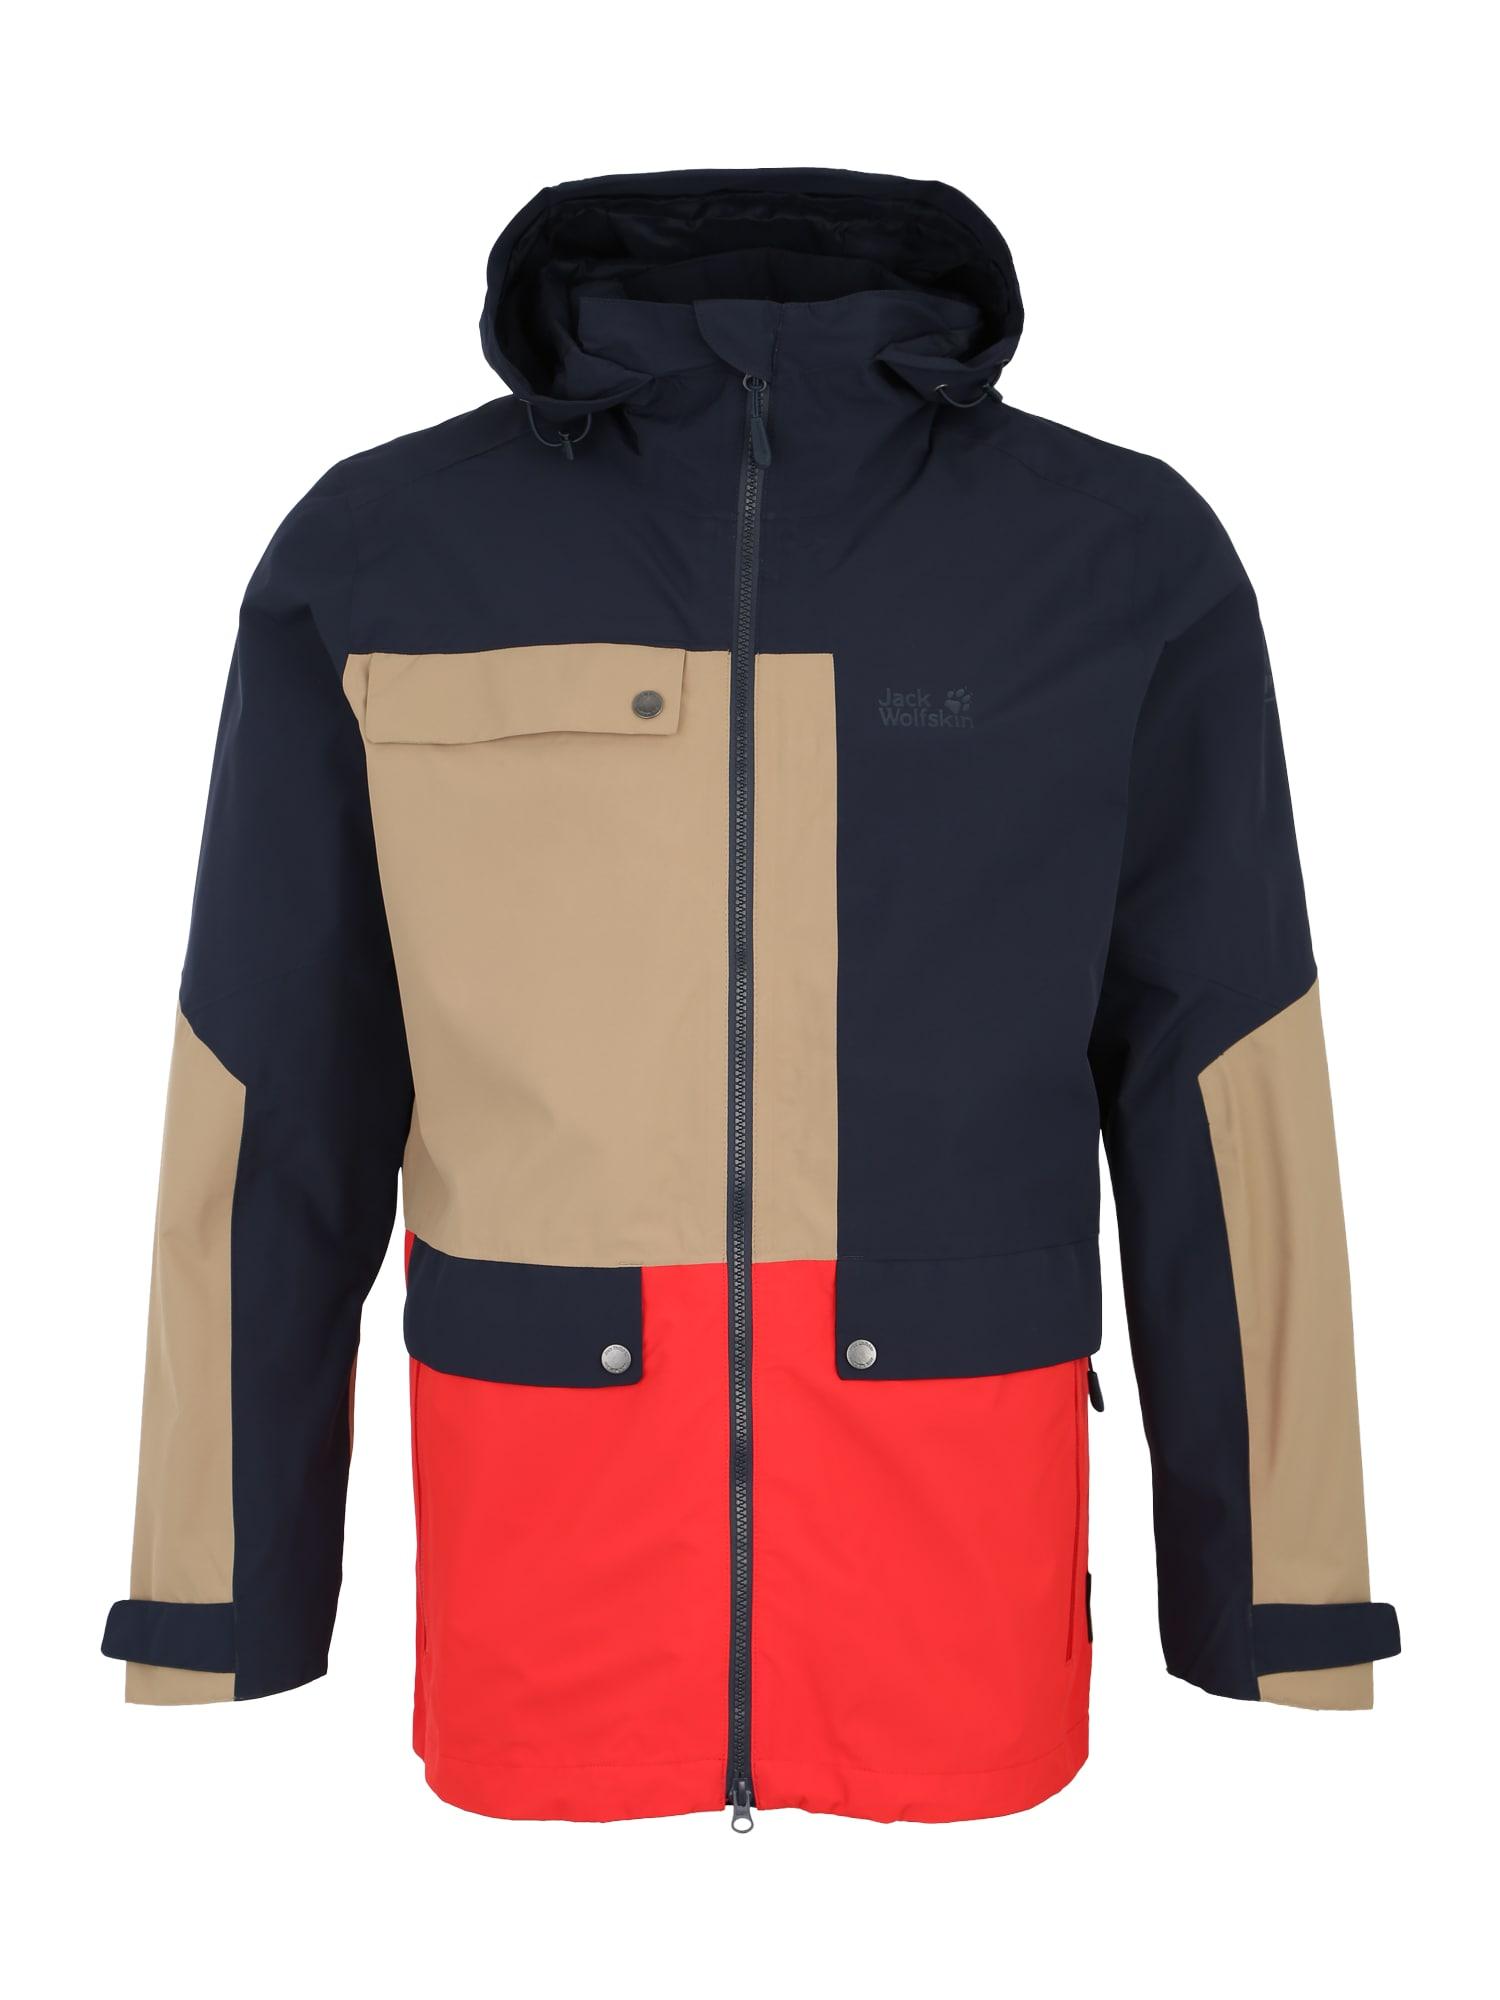 Sportovní bunda 365 Influencer tmavě modrá světle hnědá červená JACK WOLFSKIN